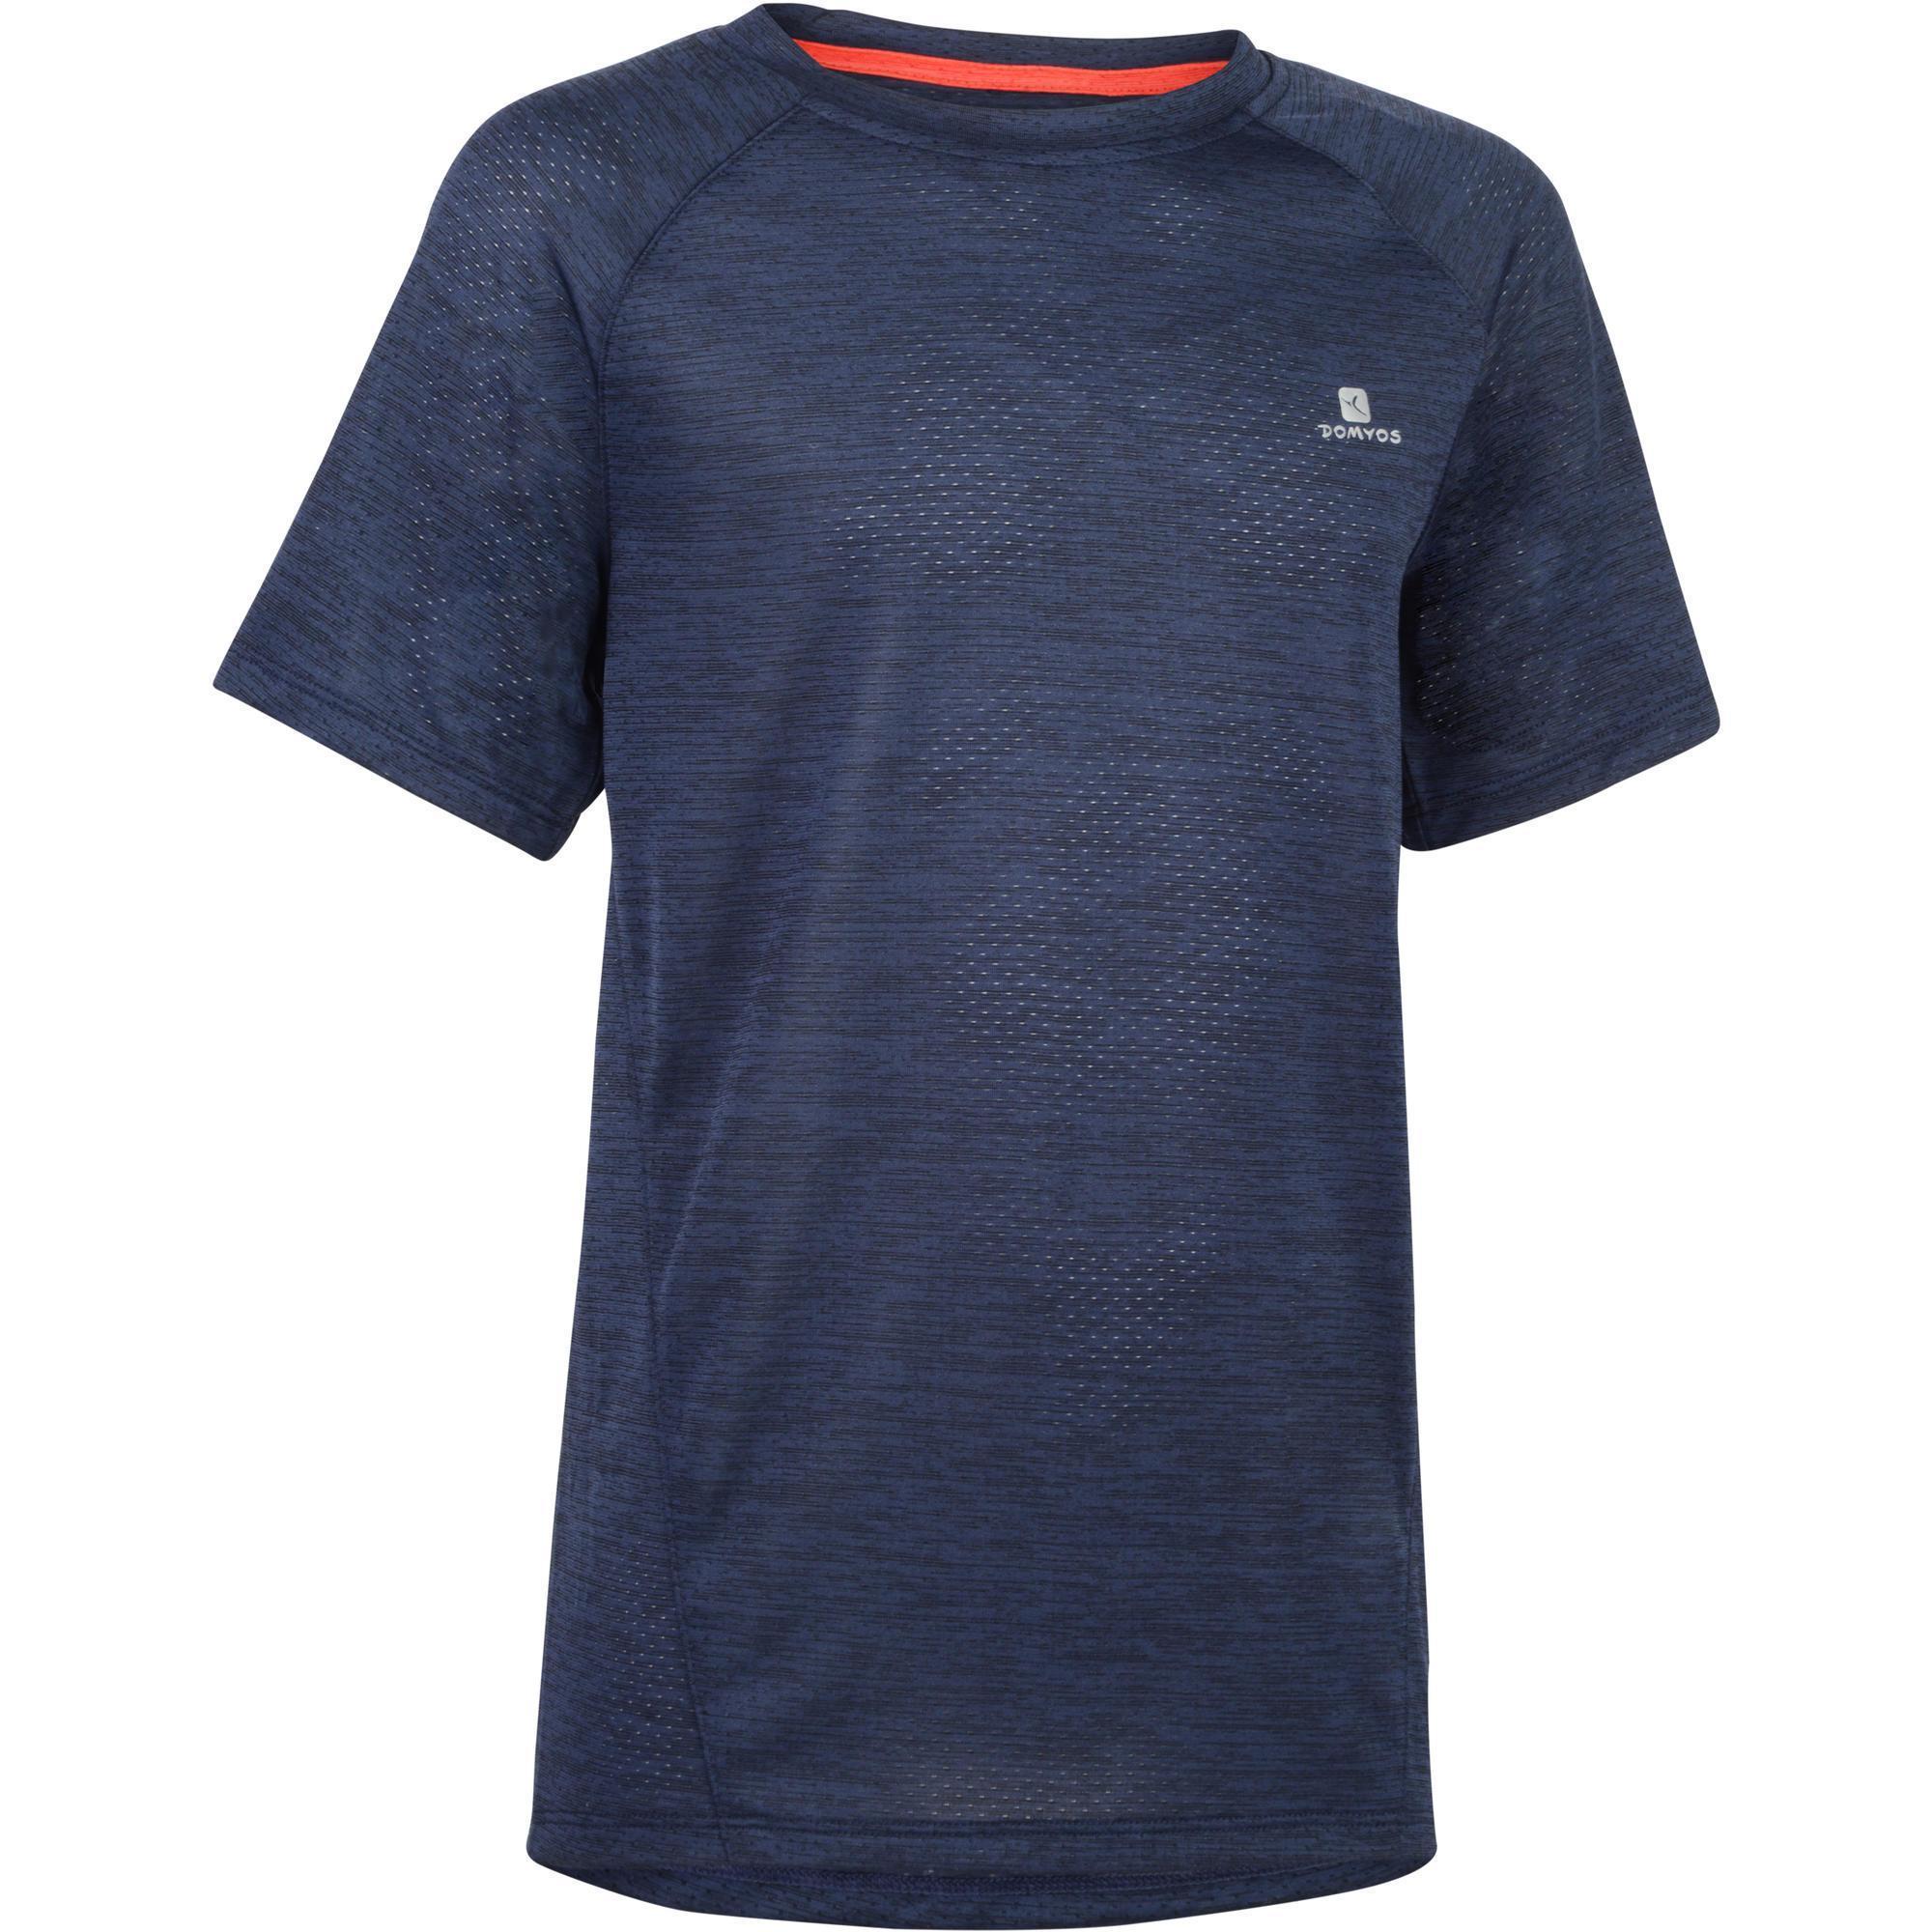 Domyos Gym T-shirt voor meisjes S500 korte mouwen marineblauw